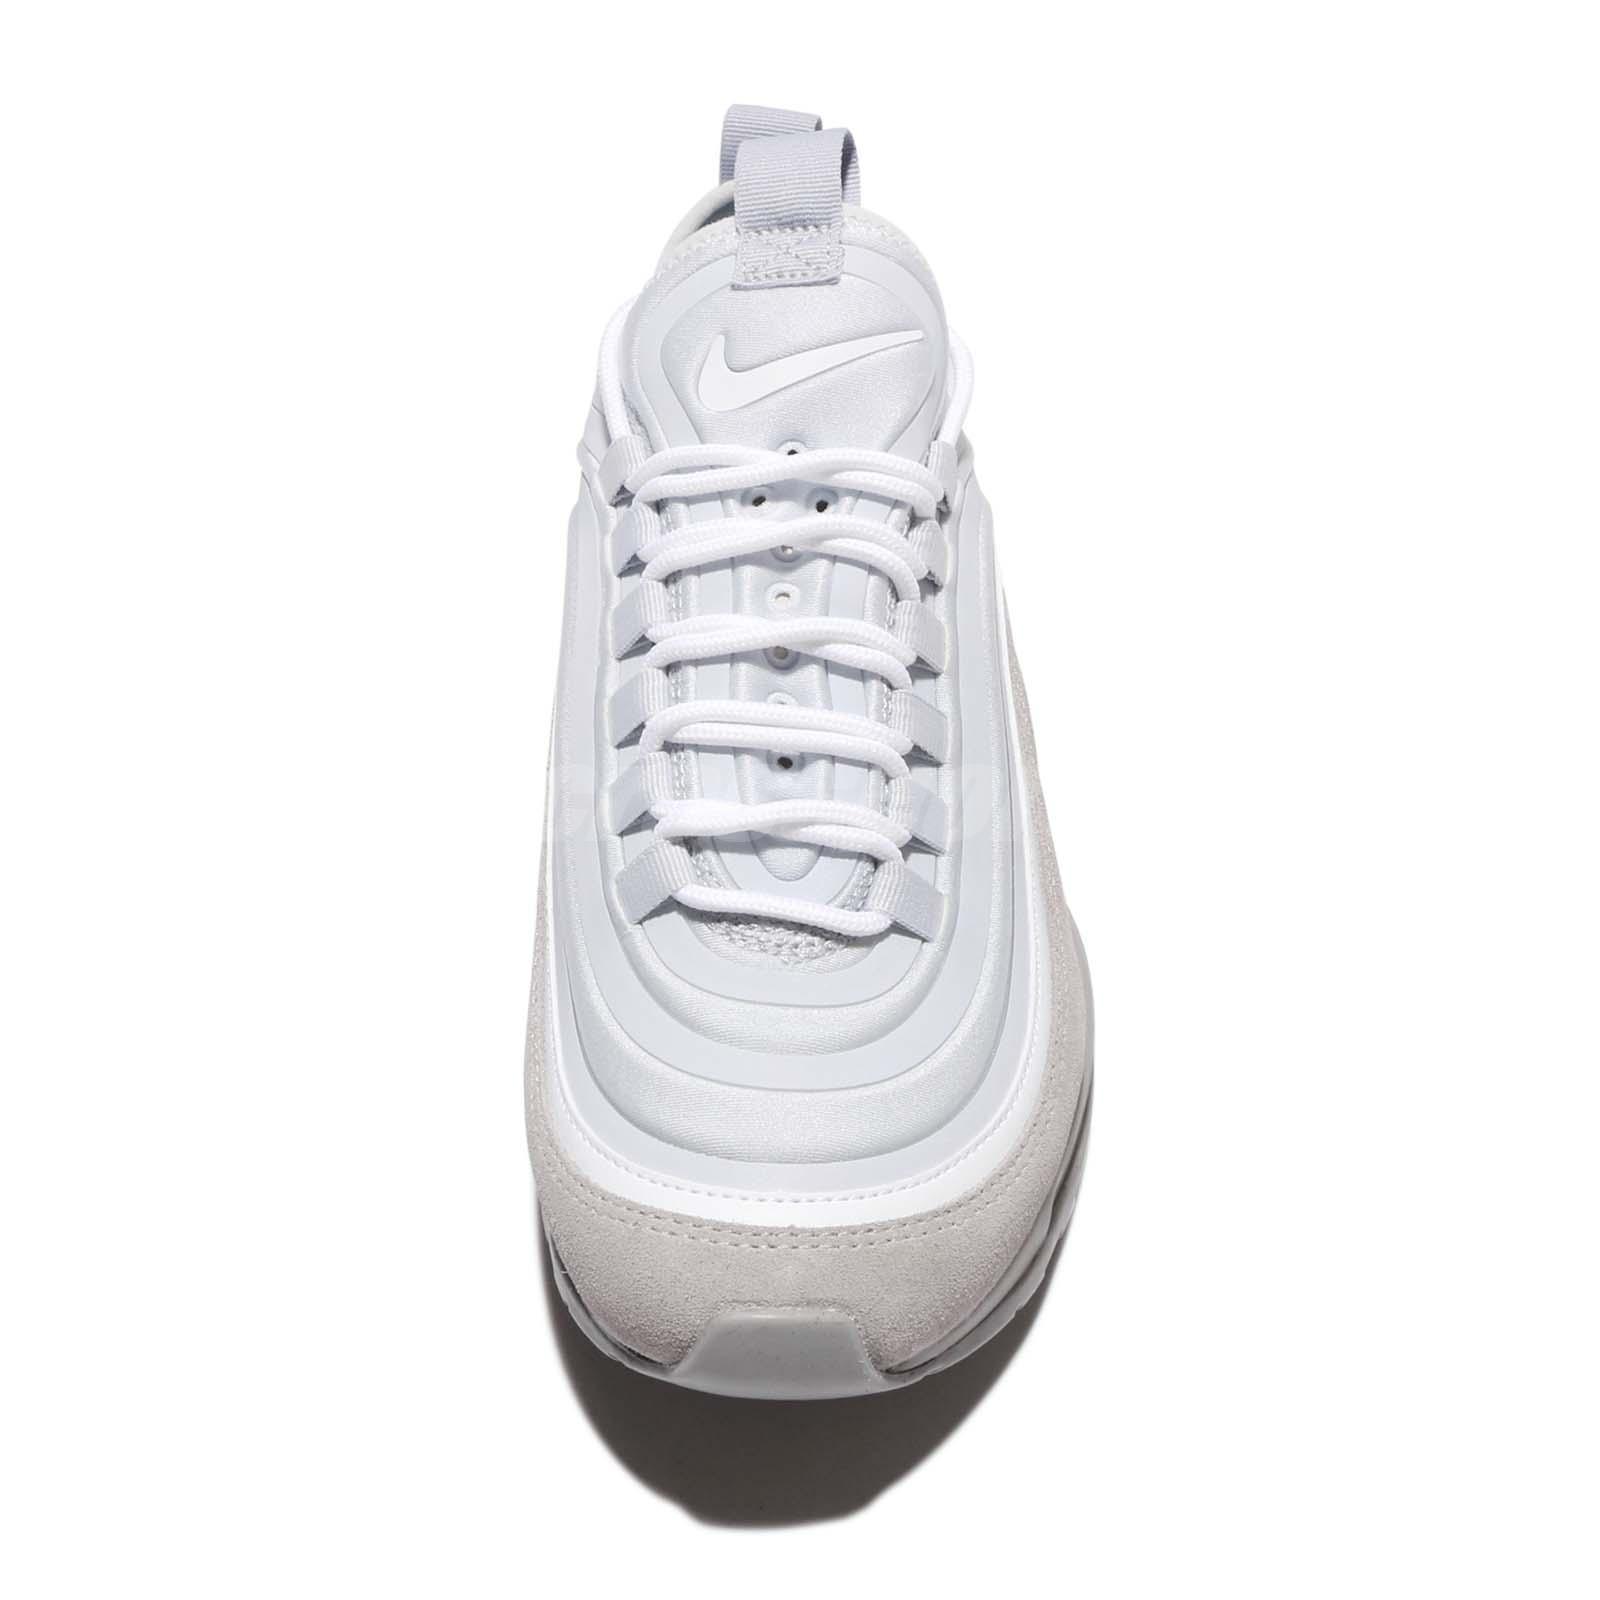 c545ded9b6b promo code 859f4 5fec4 ... reliable supplier 5238b c5b70 Nike Air Max 97 UL  ...